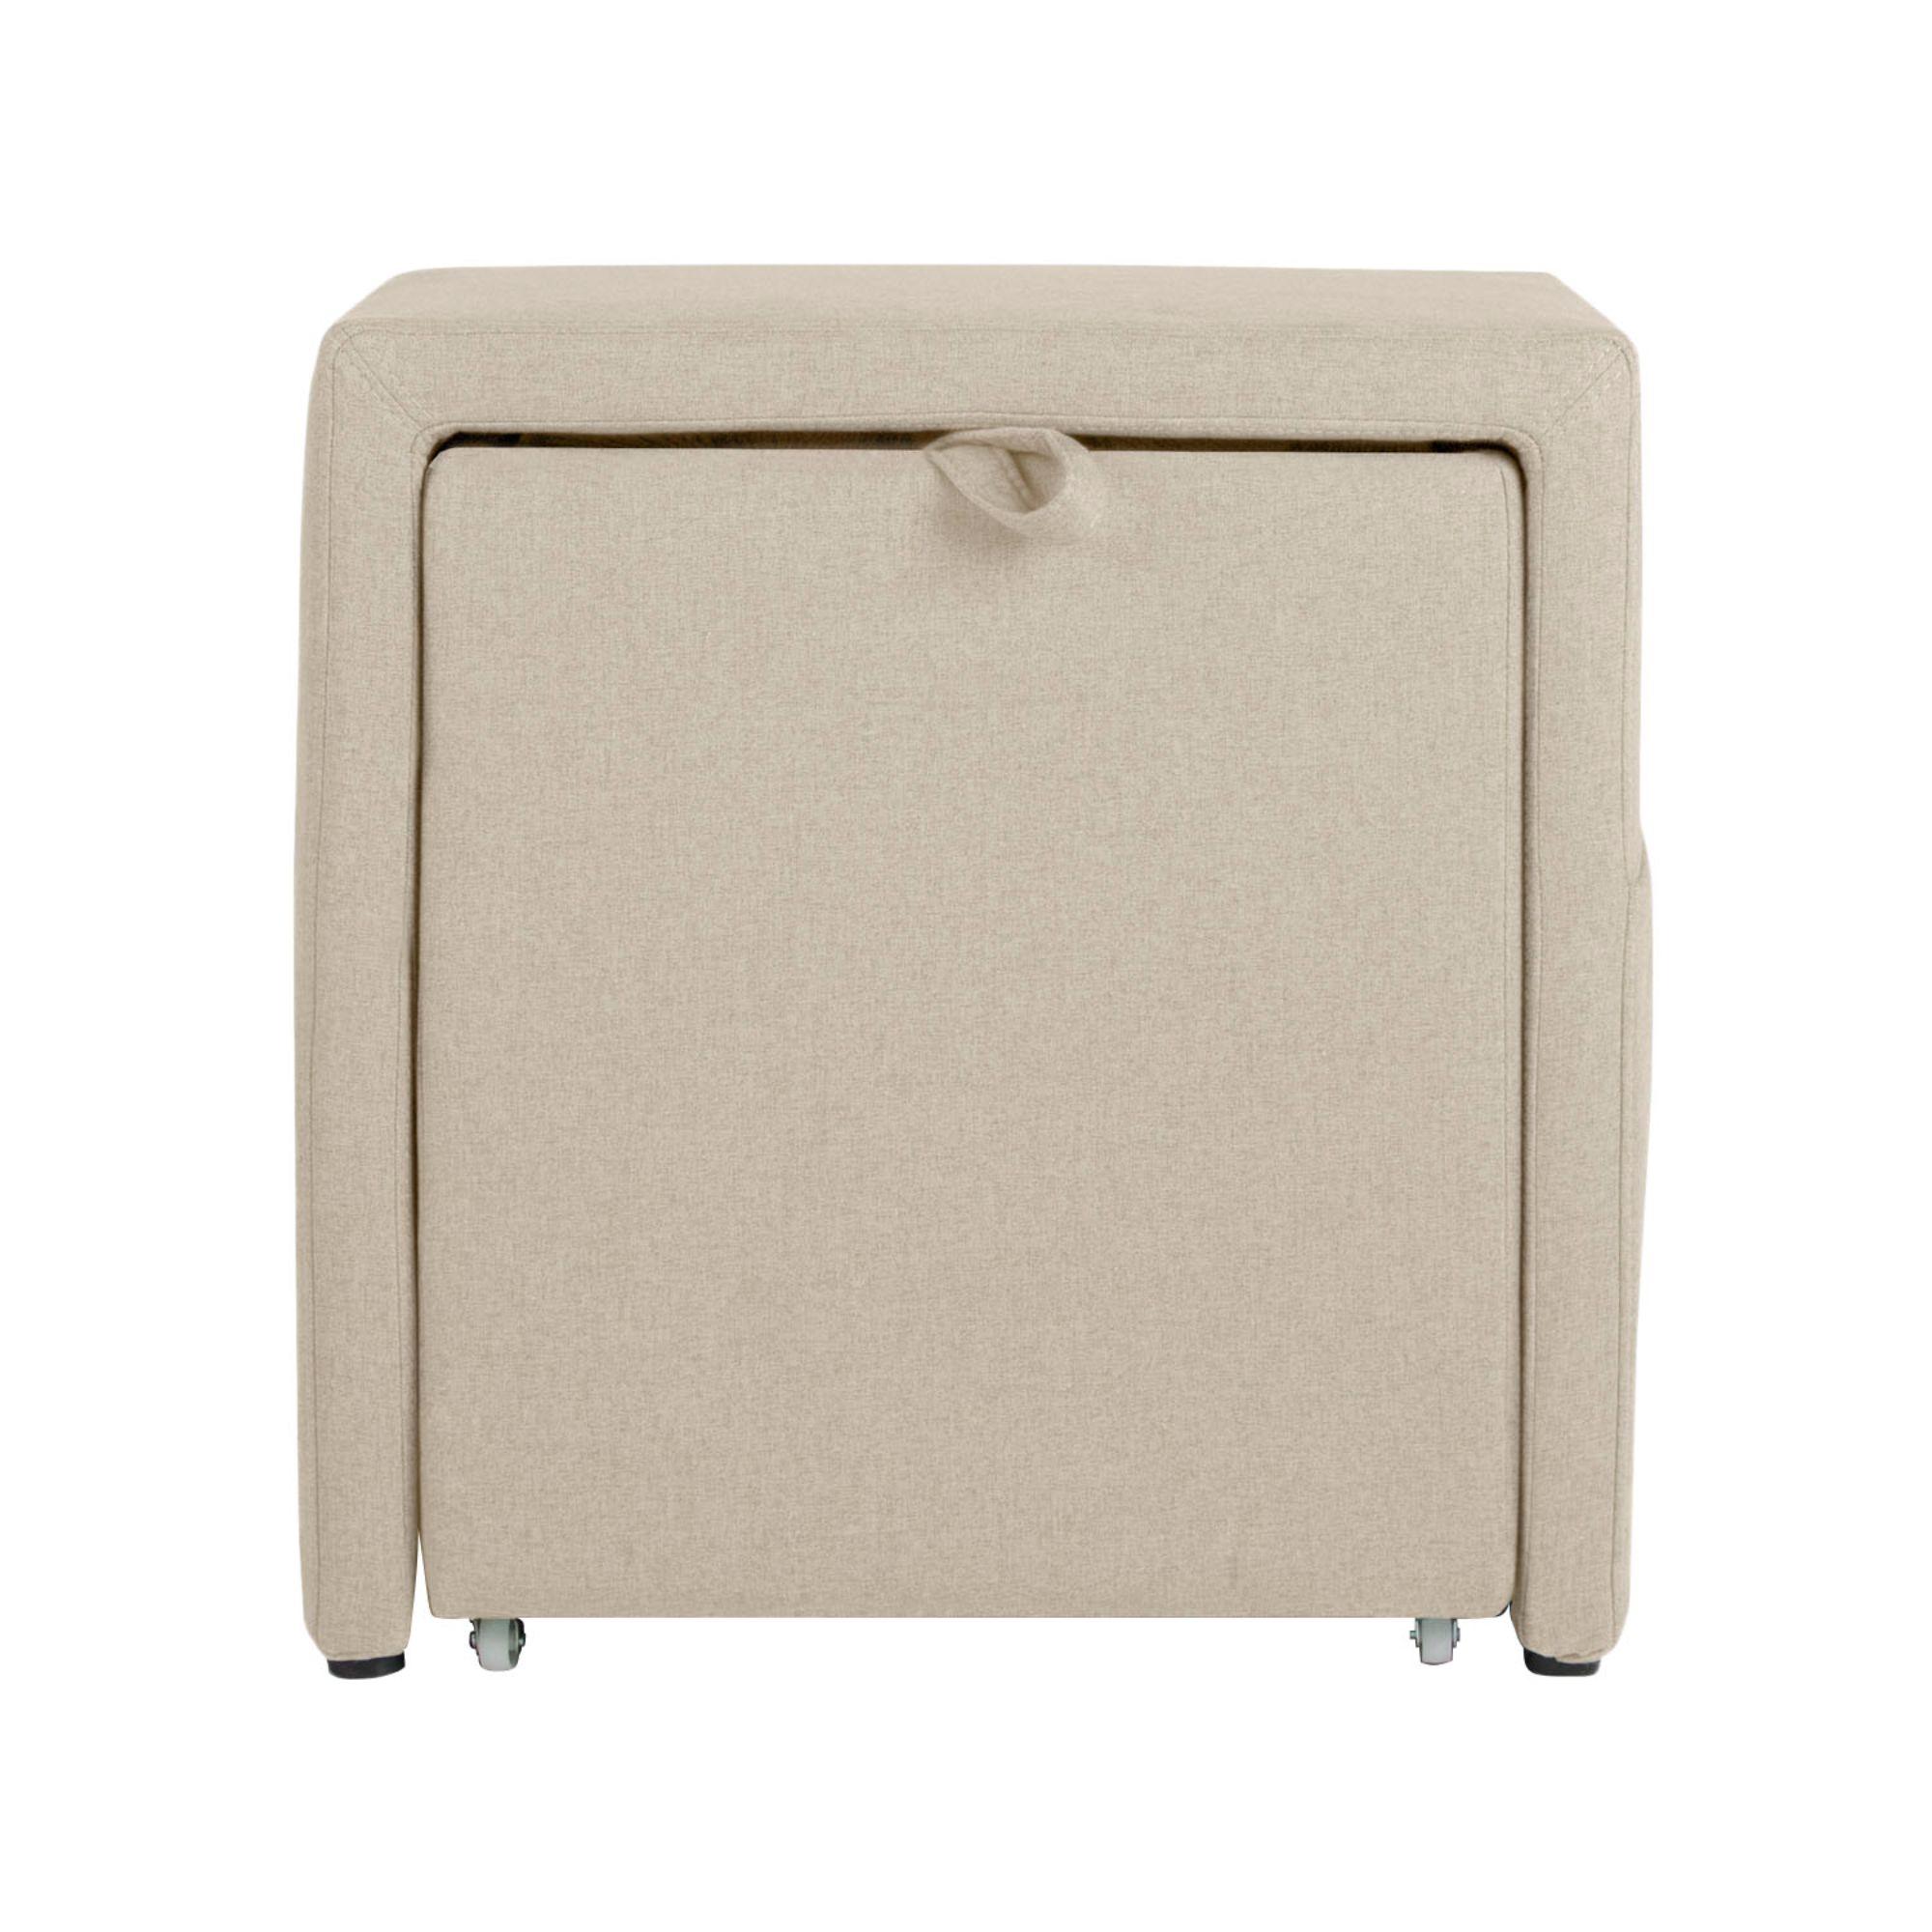 Offex Charter Storage Cube - Devon Sand